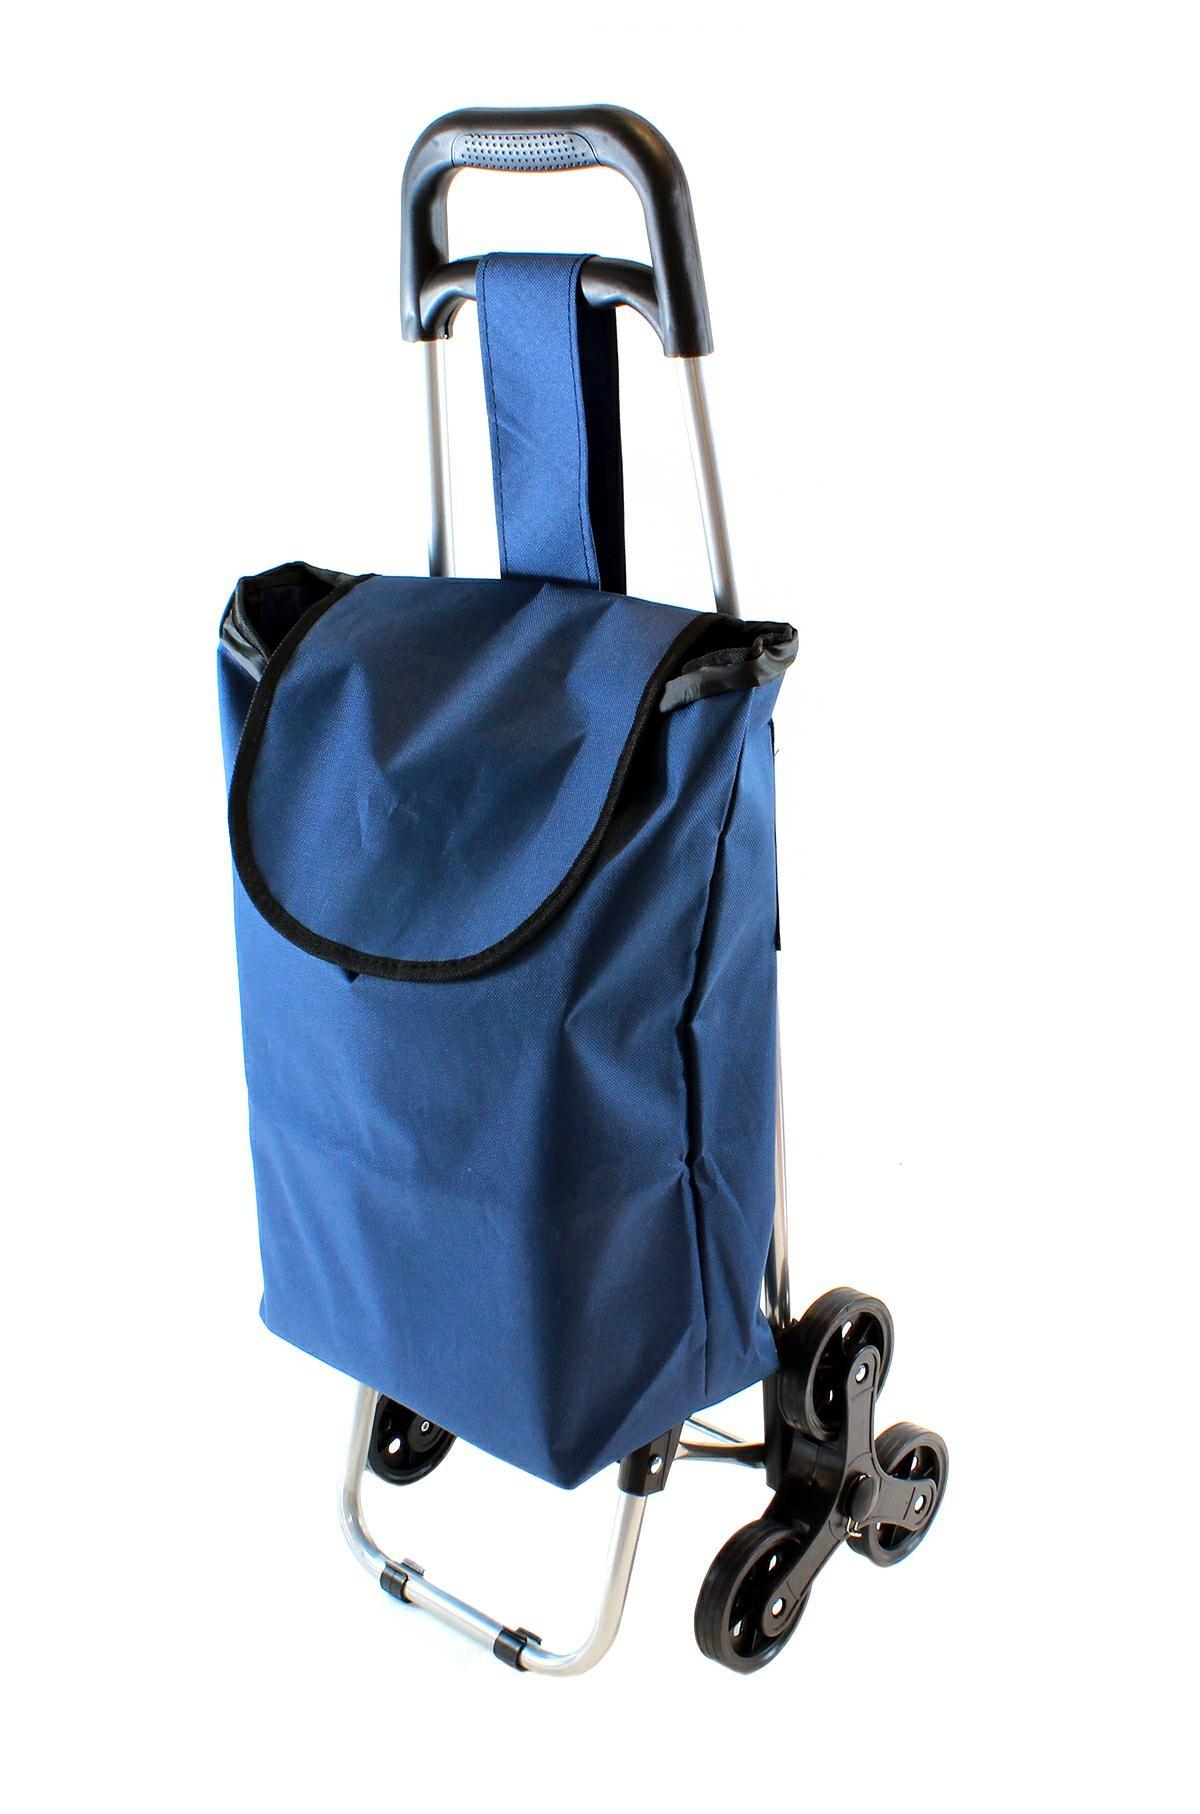 APT Nákupná taška na kolieskach do schodov 37 l - modrá, AG405B